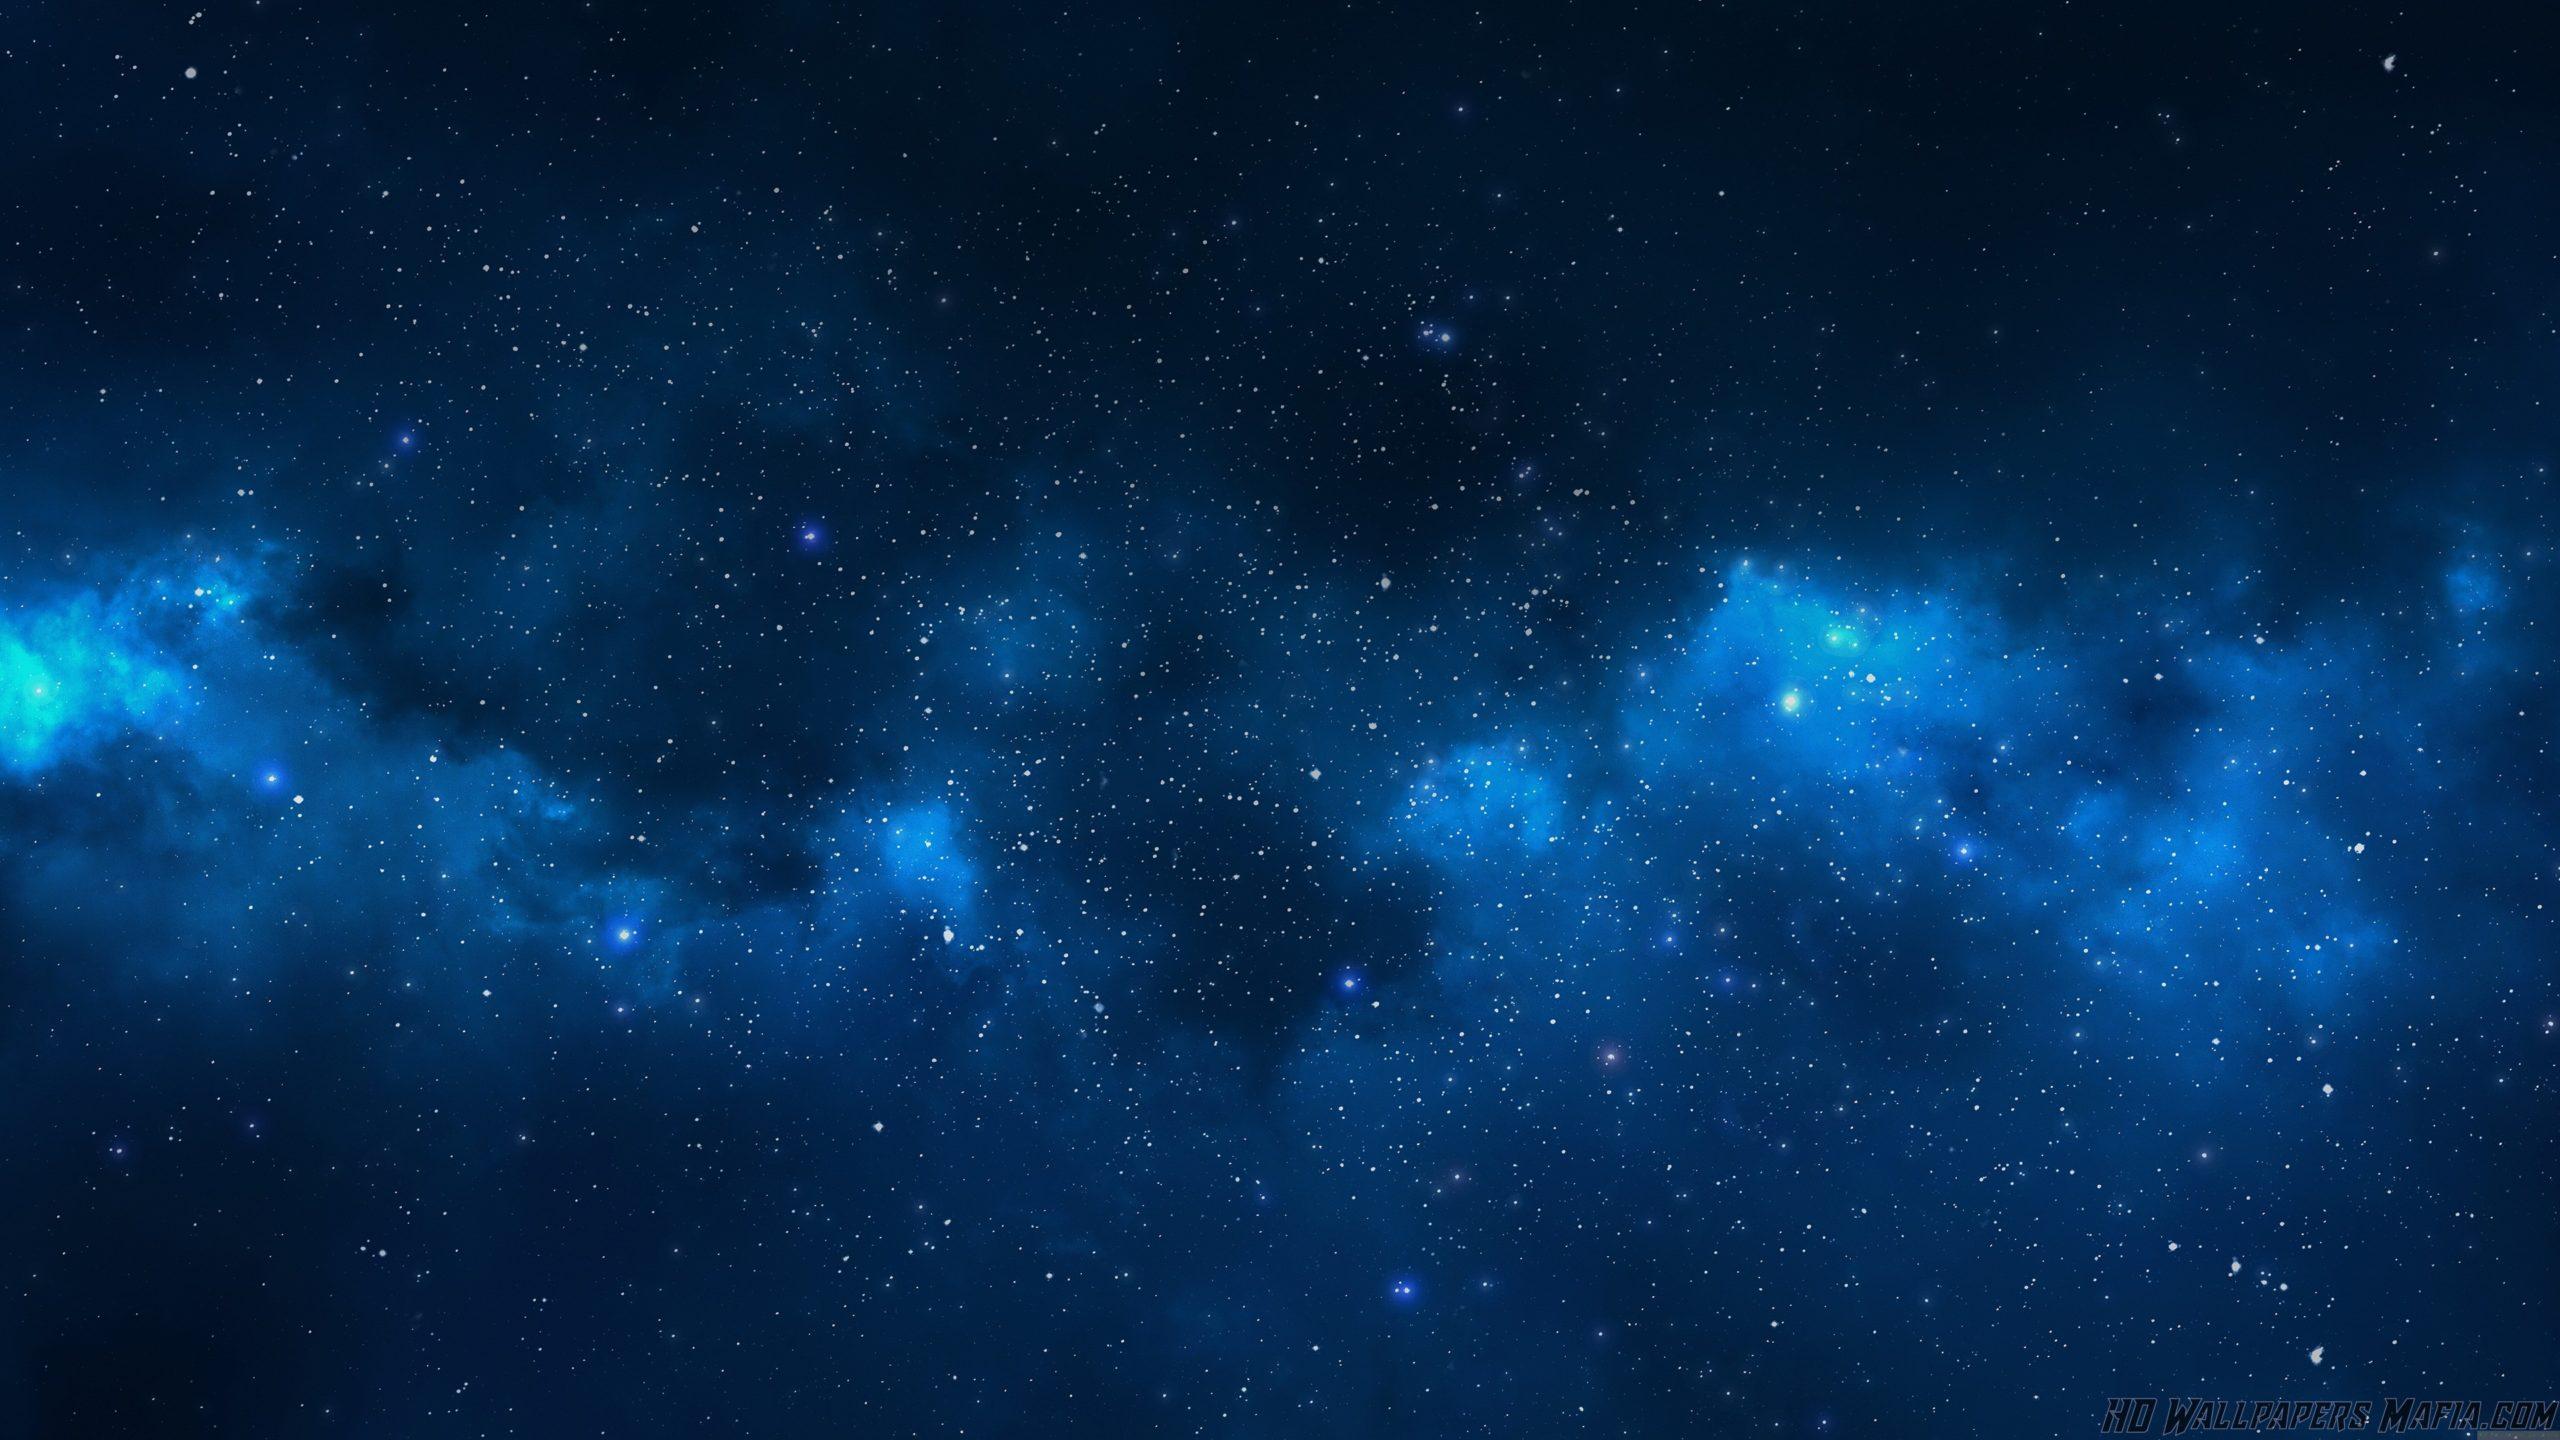 star background 4